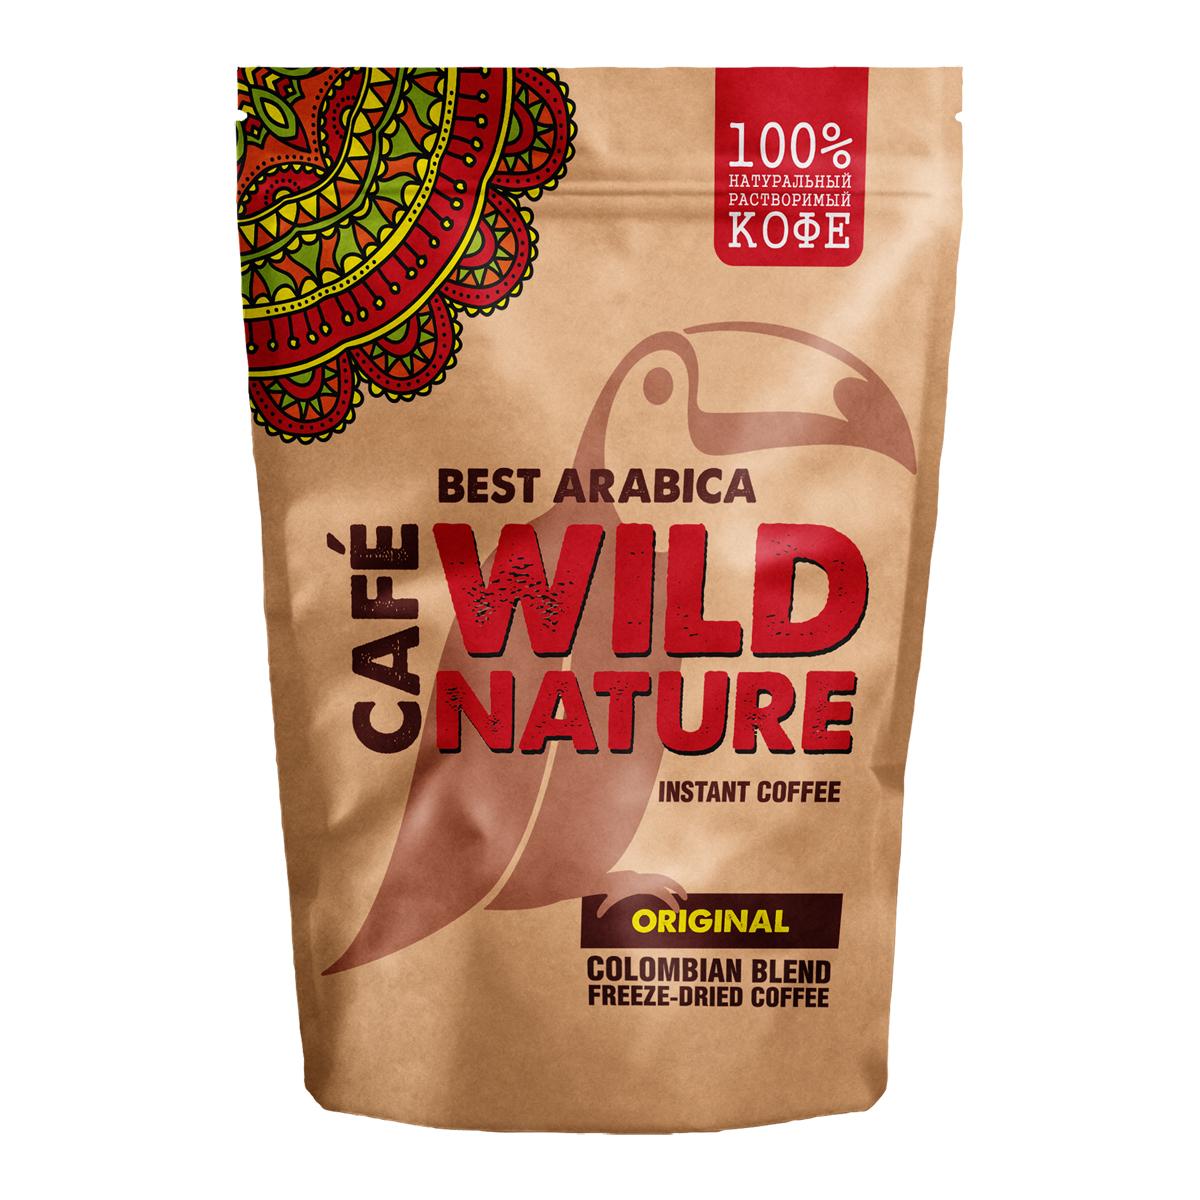 Wild Nature Original кофе растворимый, 75 г0120710Wild Nature Original - это нежный, но плотный и насыщенный кофе, полностью сохранивший мягкий и сбалансированный вкус лучших сортов Колумбийских Арабики.